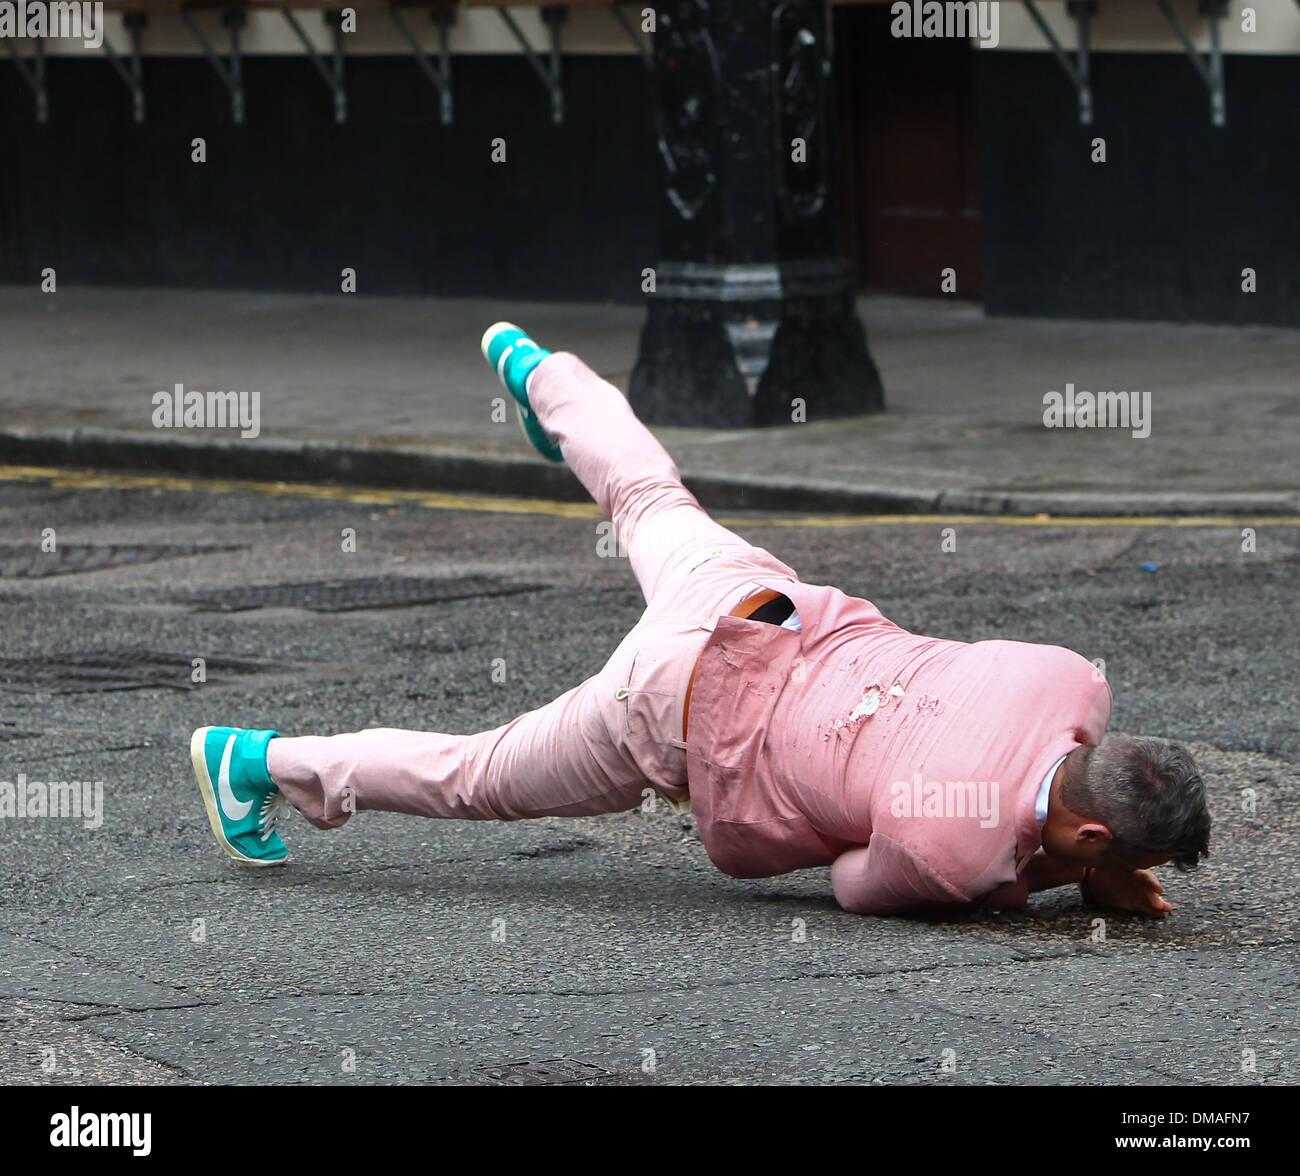 In Robbie Eine Routine Führt Breakdance Einem Rosa Anzug Williams WIEDHY29